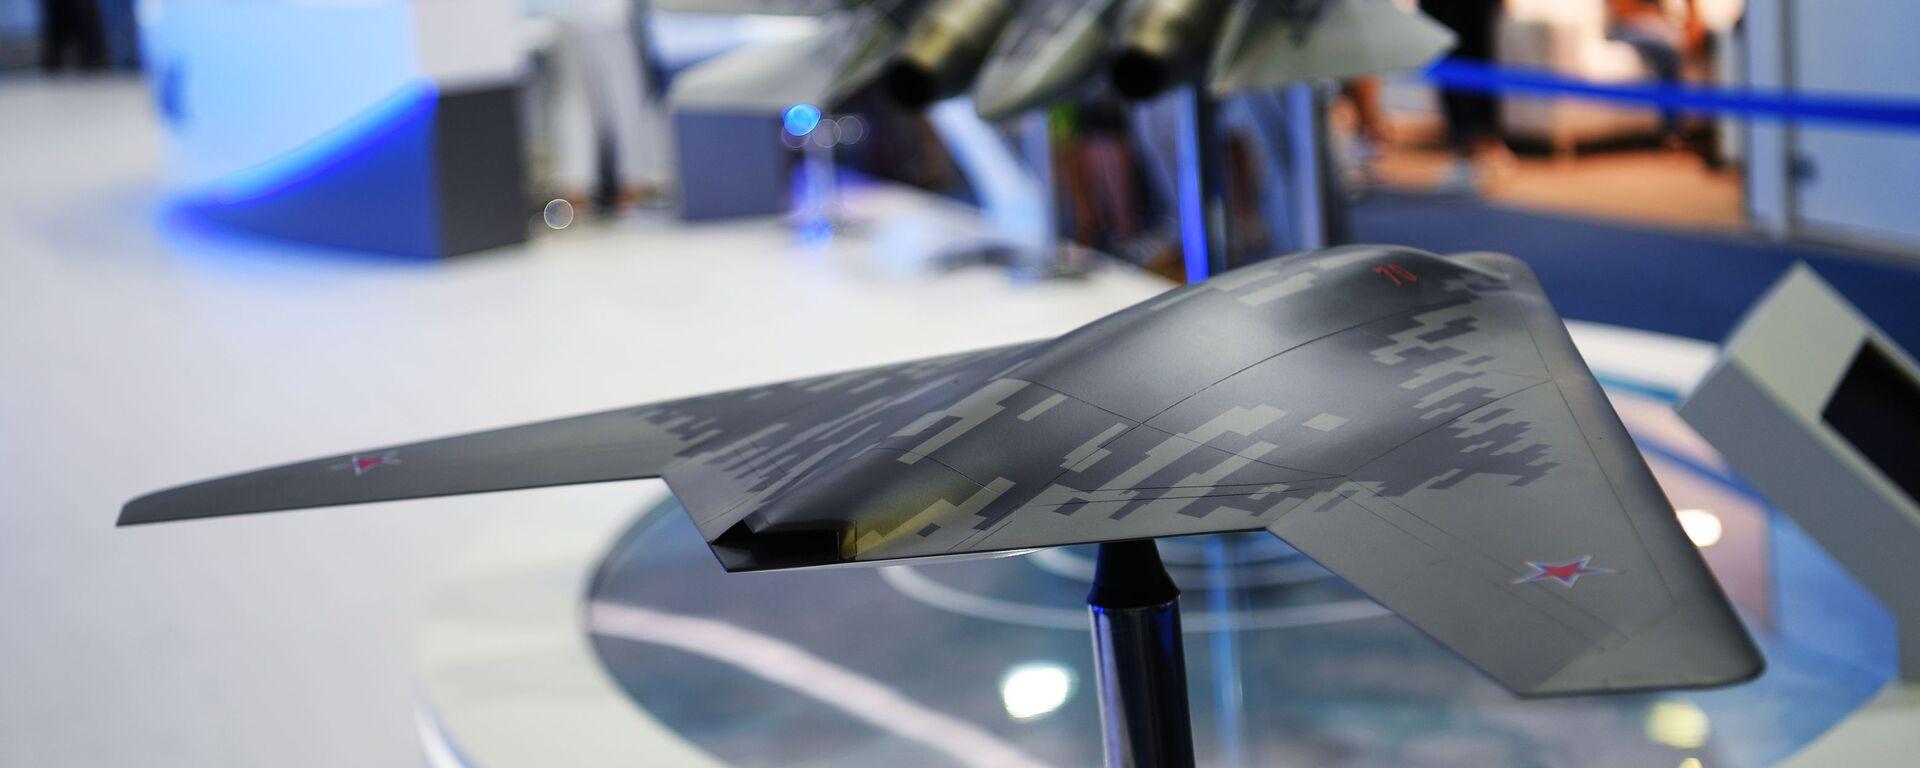 Макеты беспилотного летательного аппарата С-70 Охотник (на первом плане) и многофункционального истребителя Су-57 - Sputnik Узбекистан, 1920, 14.02.2021